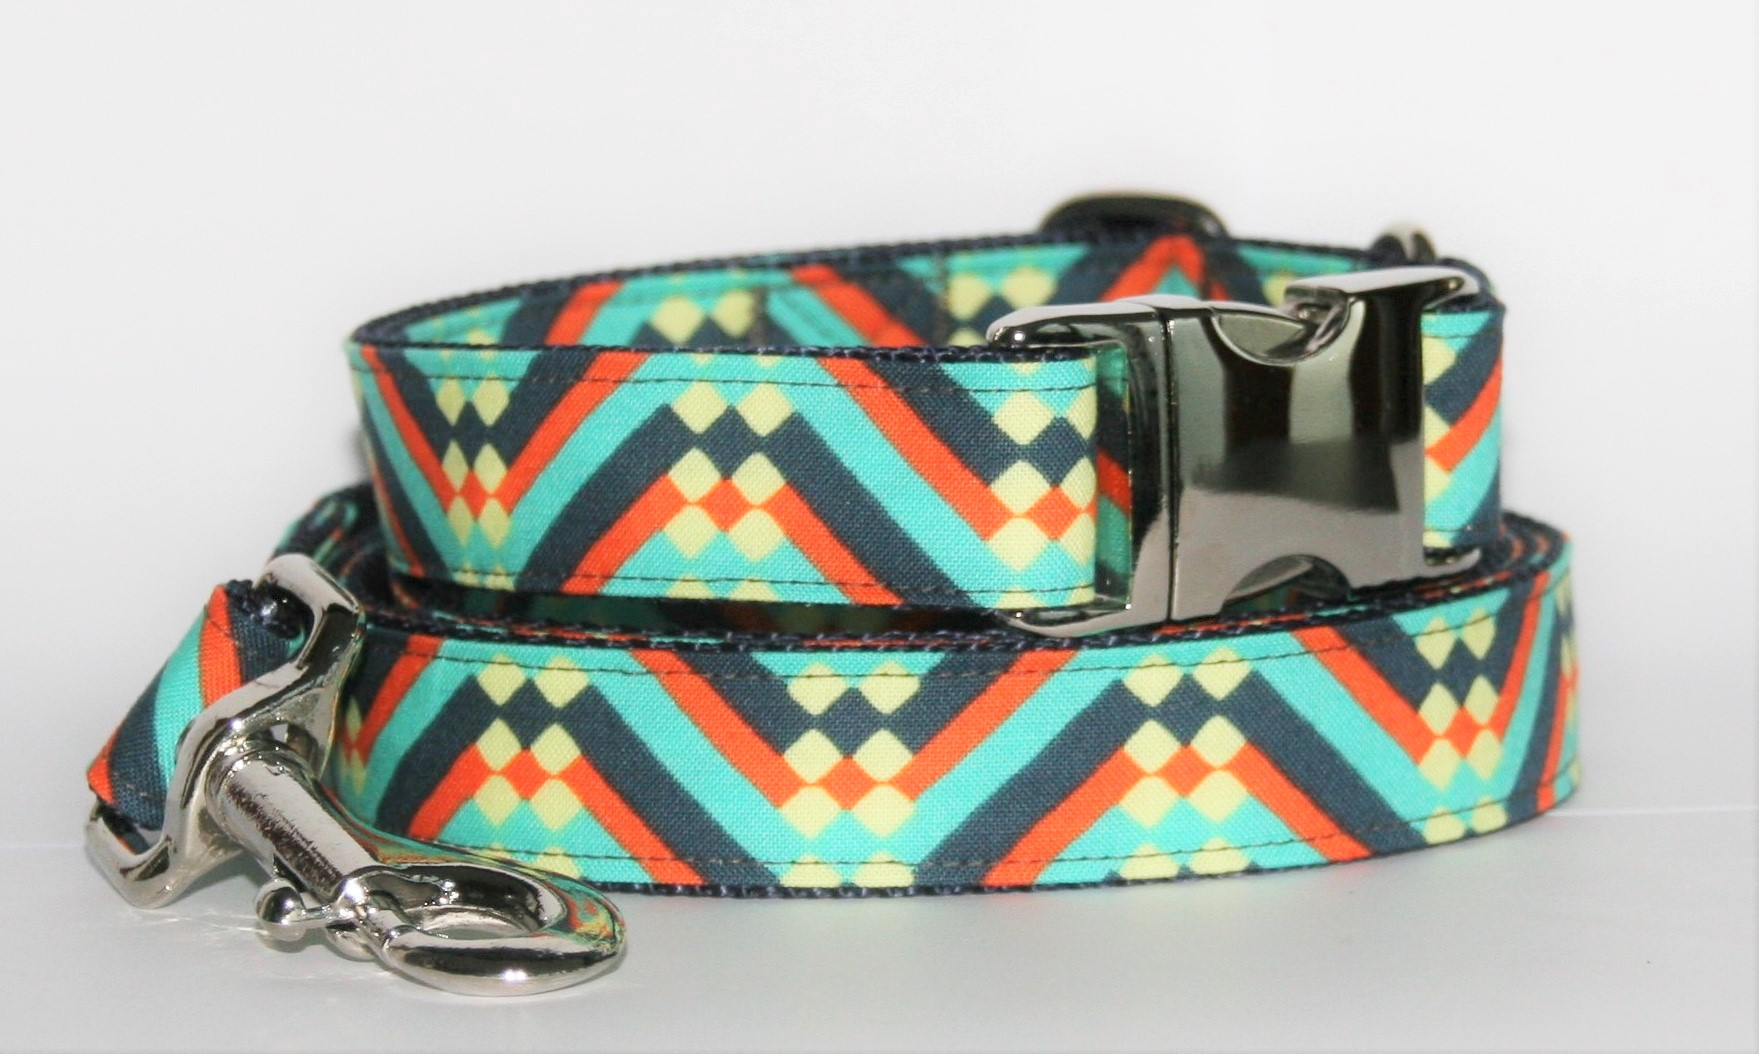 Hundehalsband und Hundeleine rot-blau-grün Ethno als Set in verschiedenen Varianten erhältlich